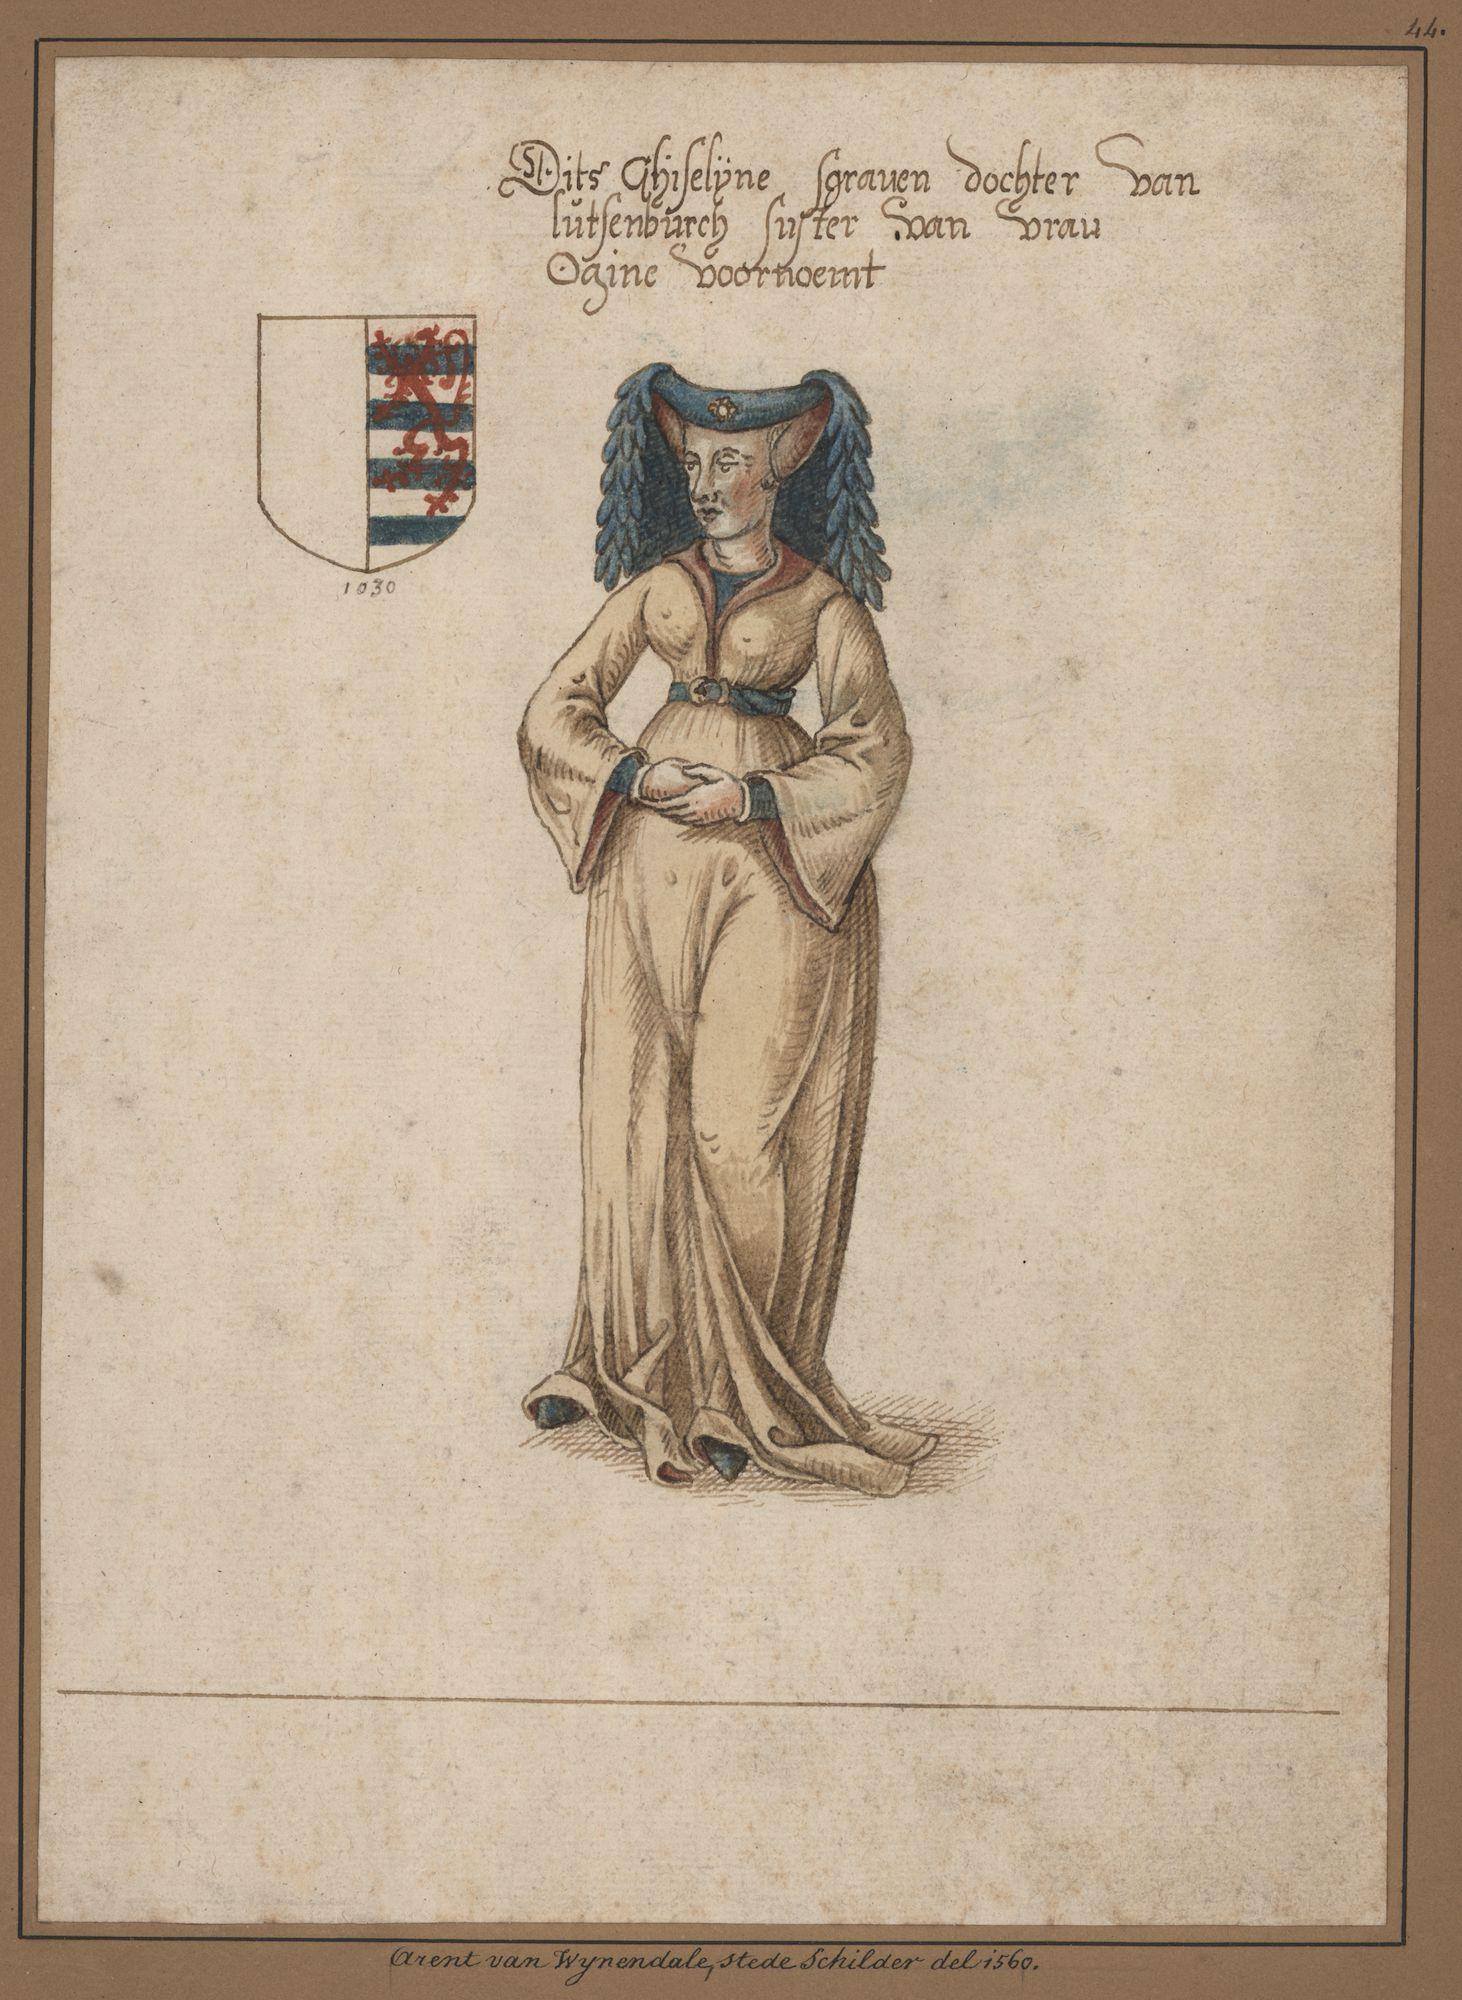 Gent: Sint-Pietersplein: monnikenkerk van de Sint-Pietersabdij: Sint-Laurentiuskapel: schilderij met het portret en wapen van Gisela van Luxemburg (+1056/8), zus van Otgiva van Luxemburg